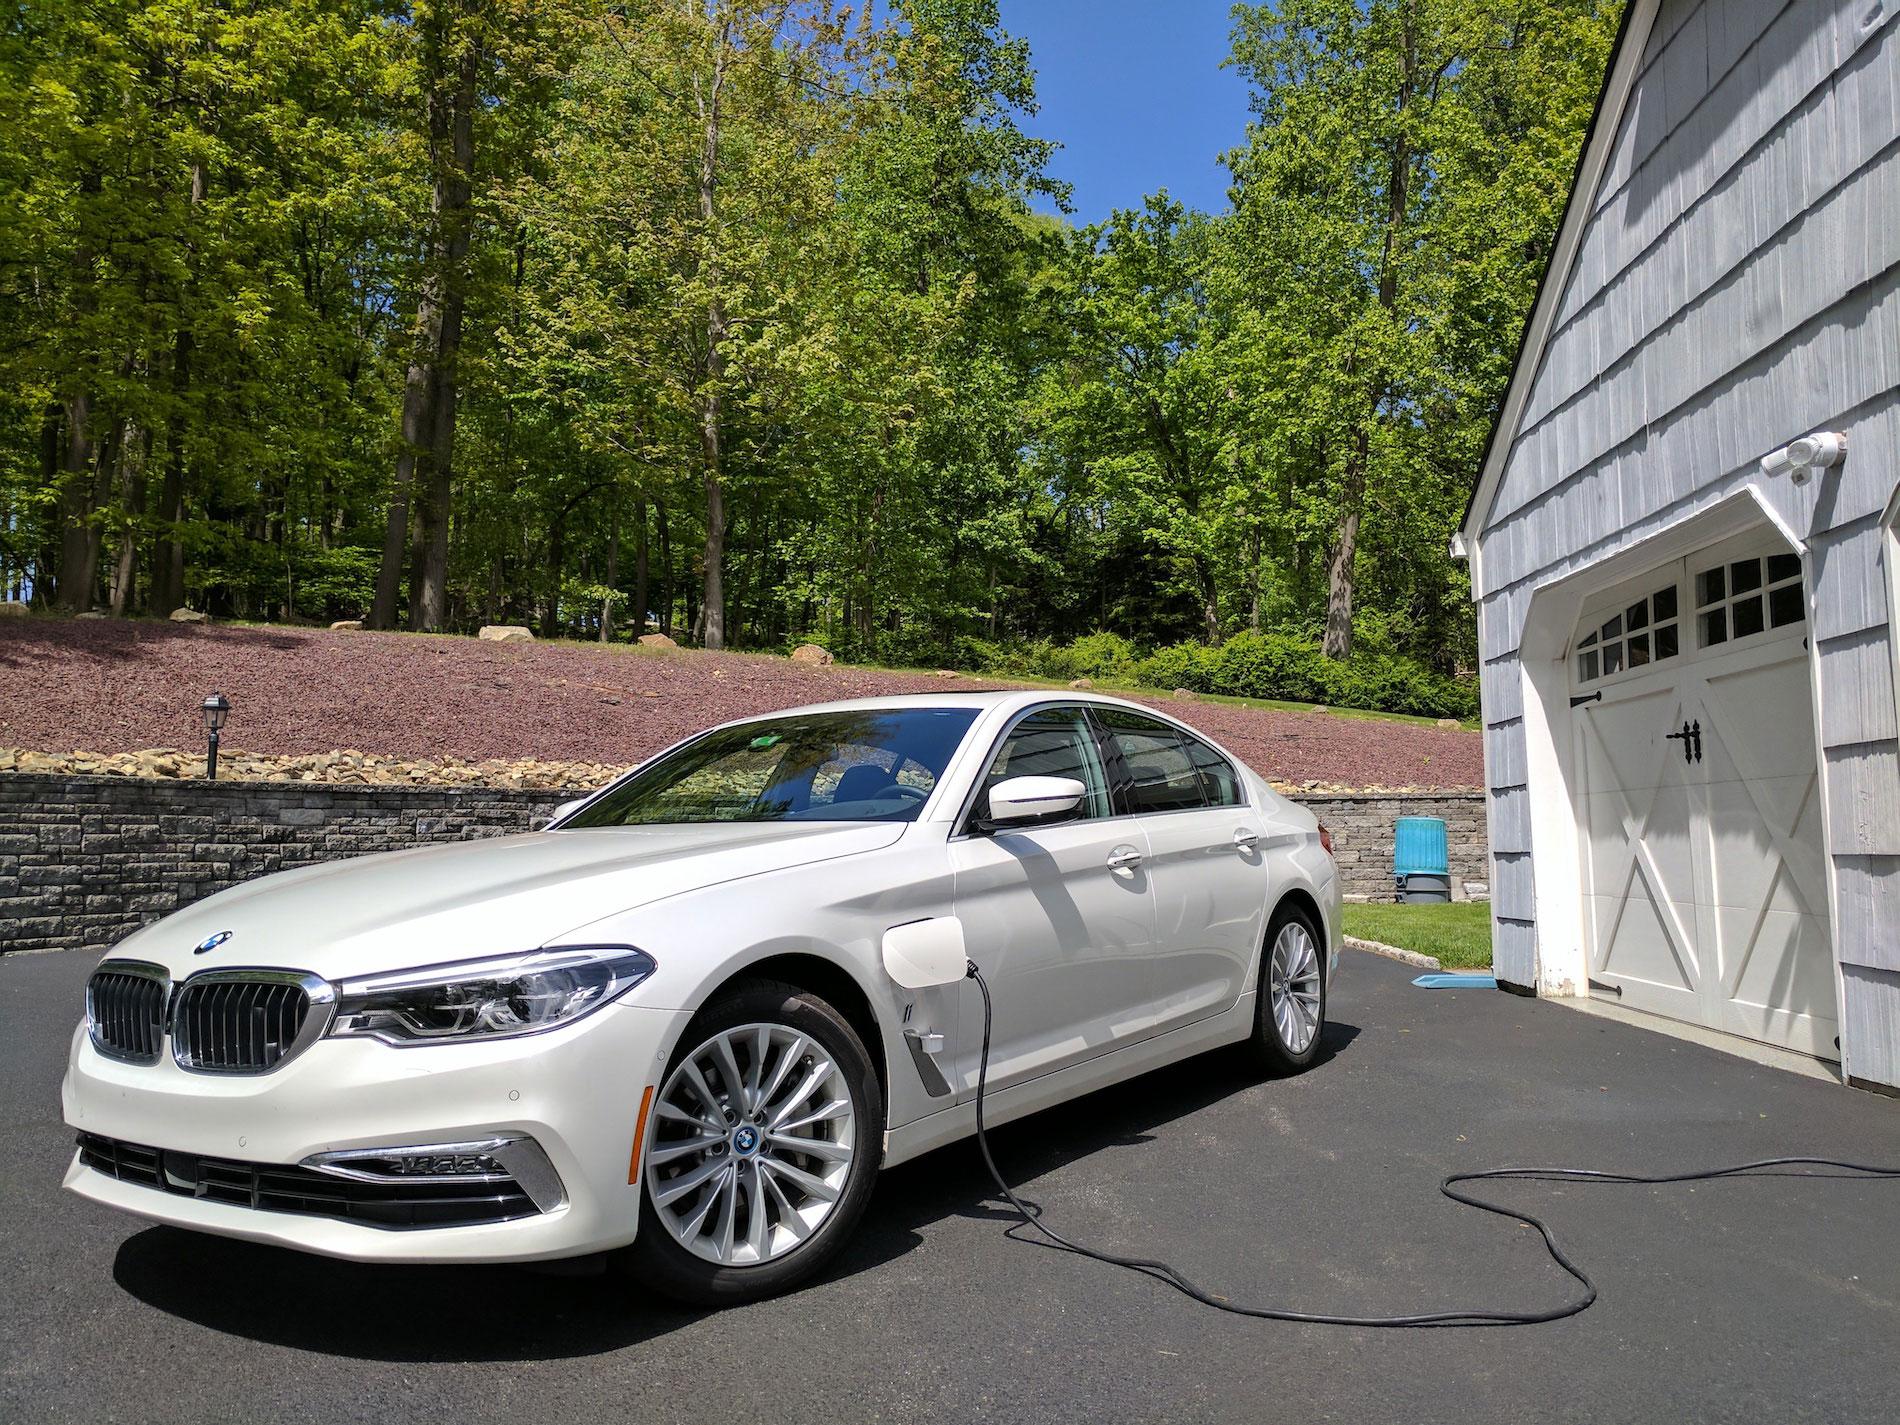 BMW hybrid charging